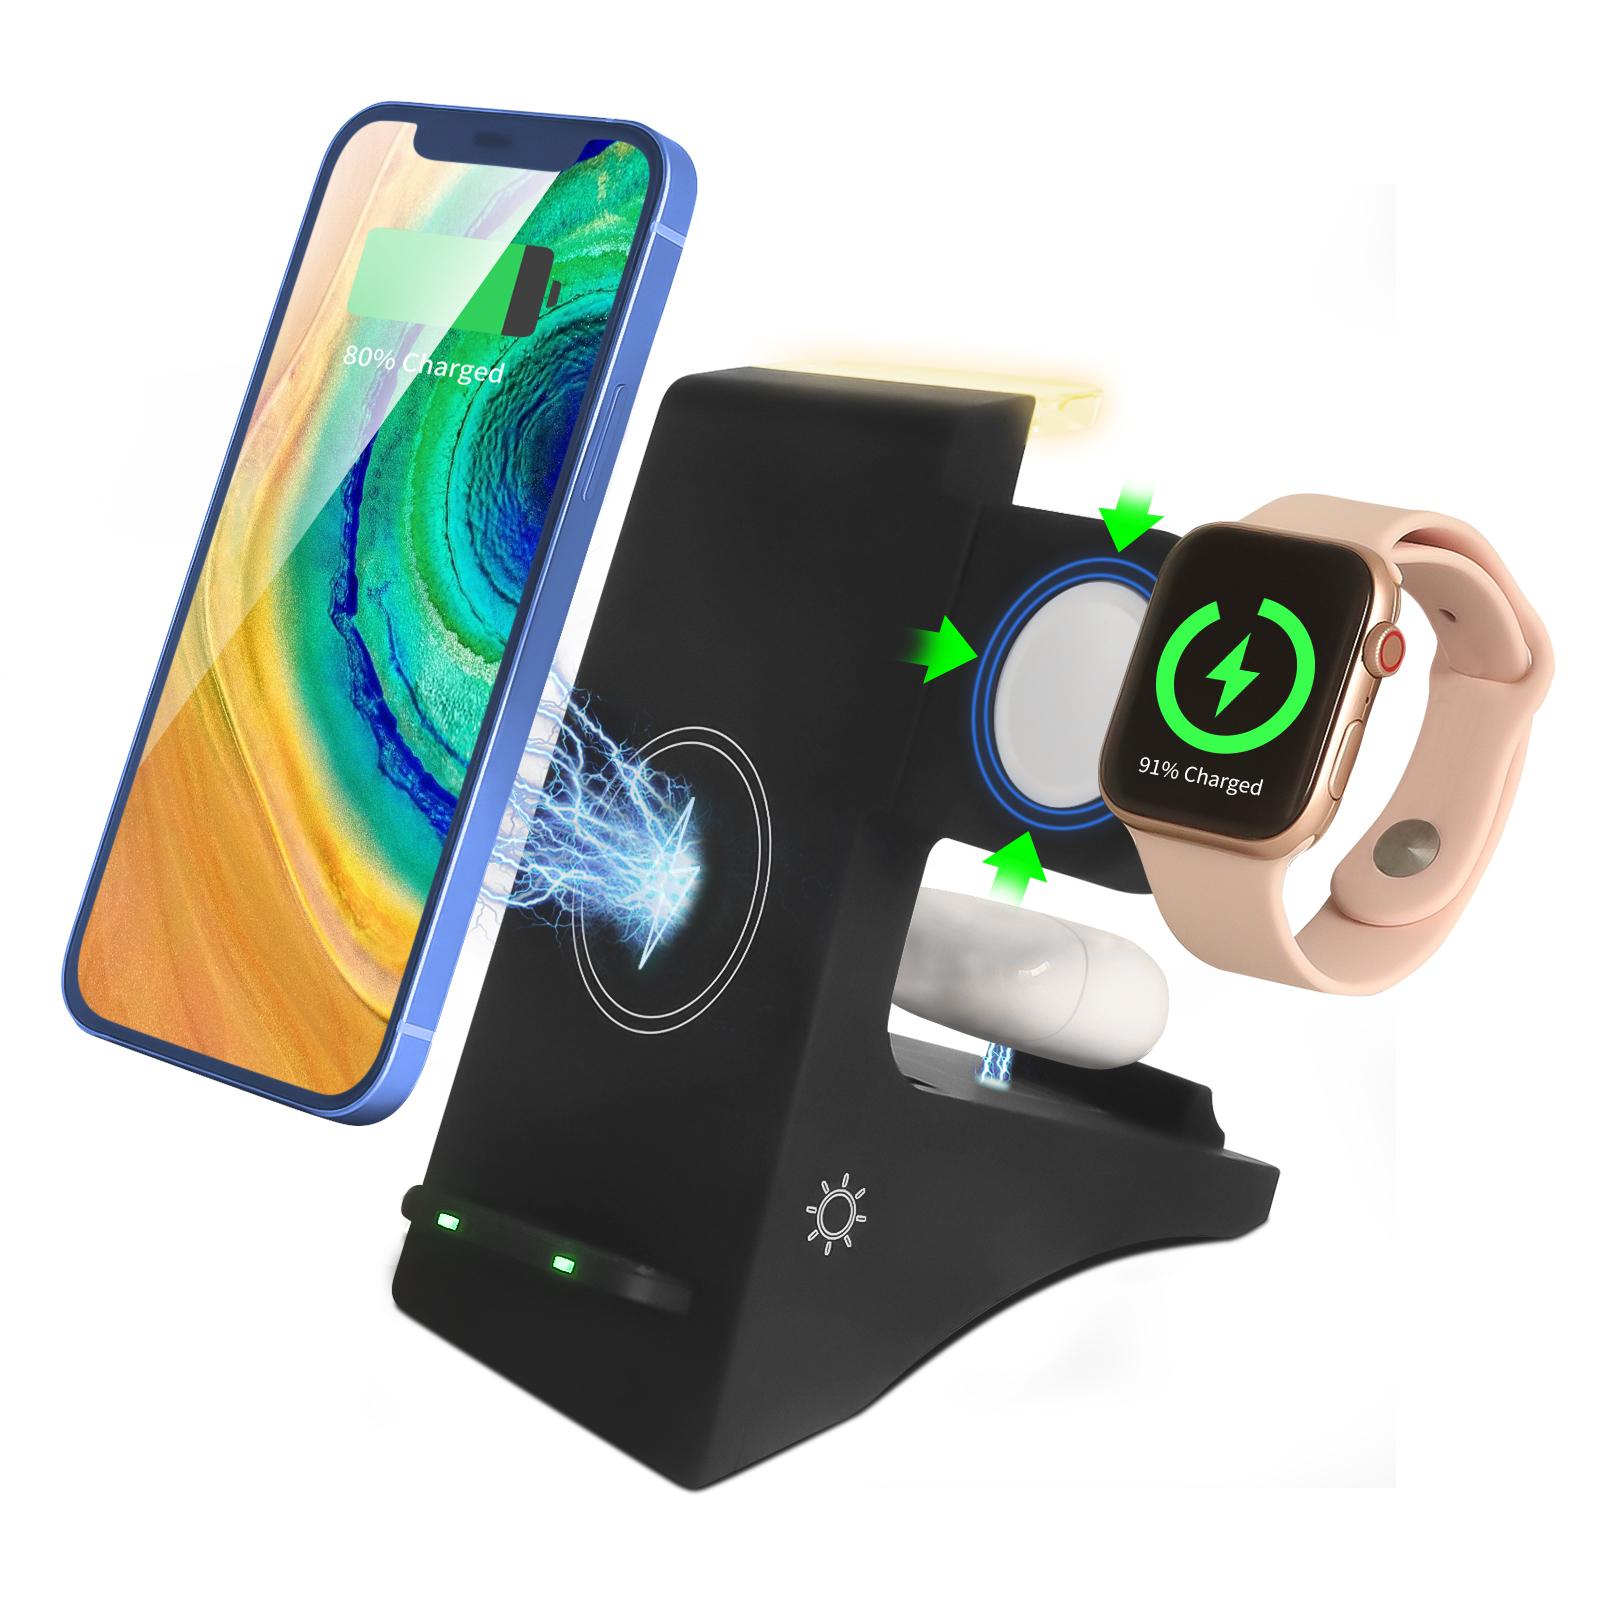 Bộ Sạc Không Dây 4 Trong 1 Cho Điện Thoại Apple Android, Apple Watch Bộ Sạc Không Dây Apple Airpods